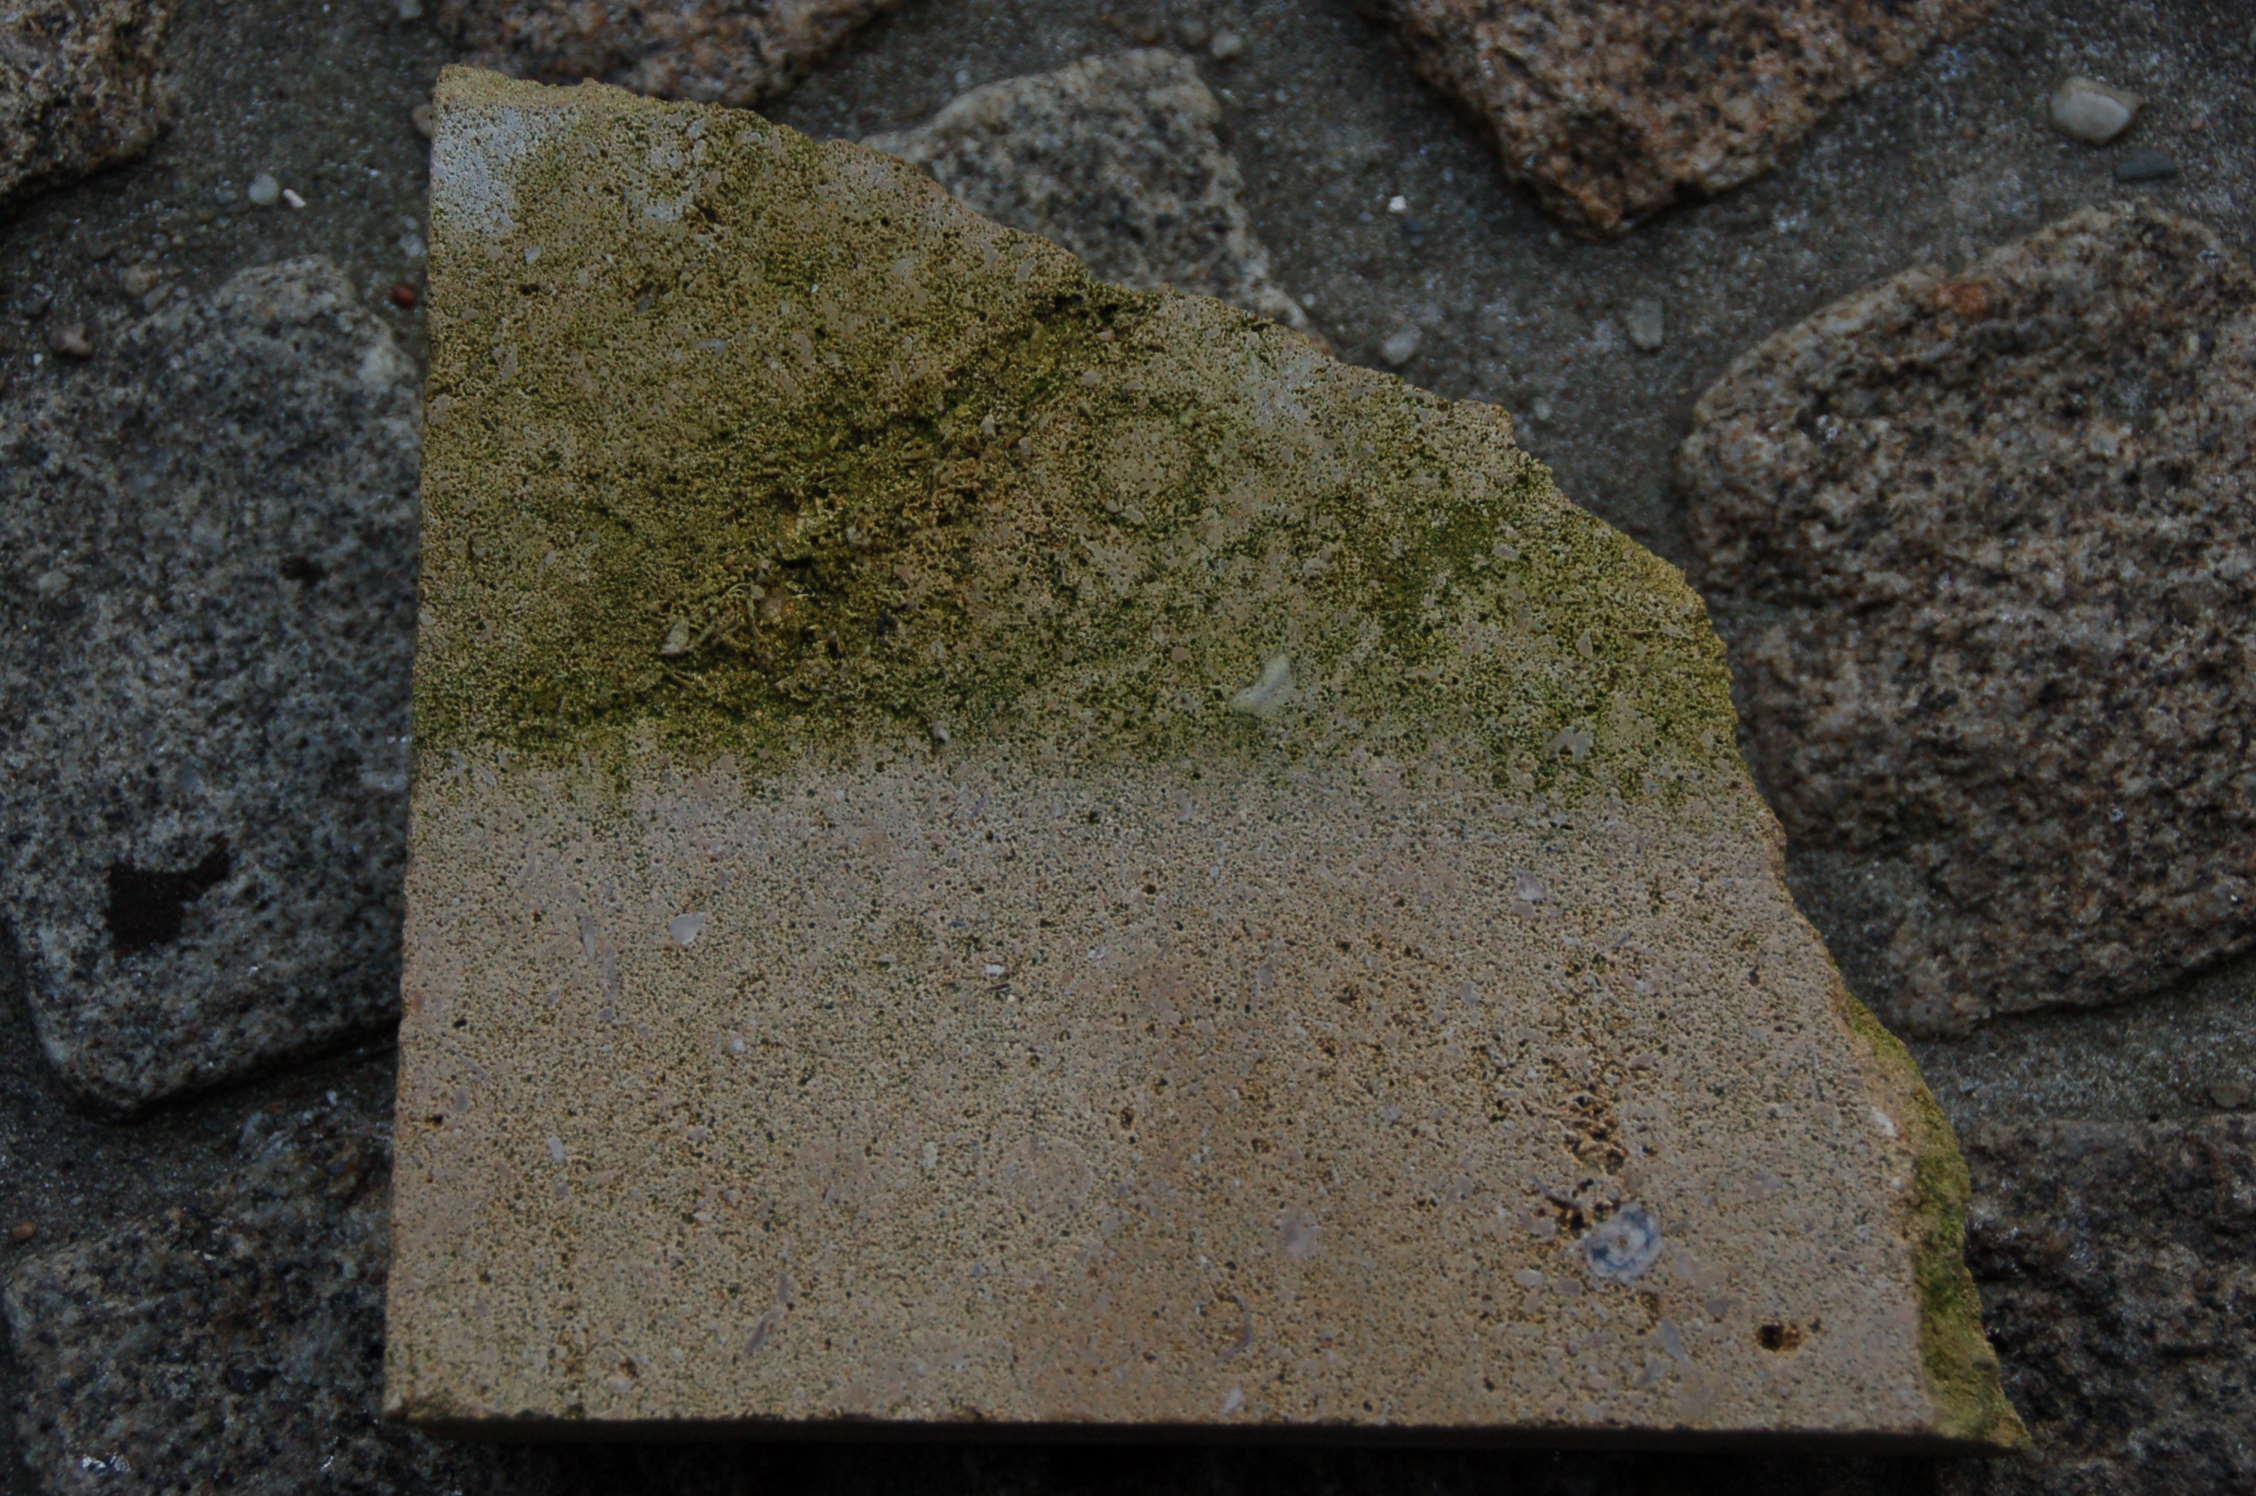 Péče o kámen - vosk HORSEMEN STONE Společnost Acolor s.r.o.dodáva vosk HORSEMEN STONE - péče o kámen...